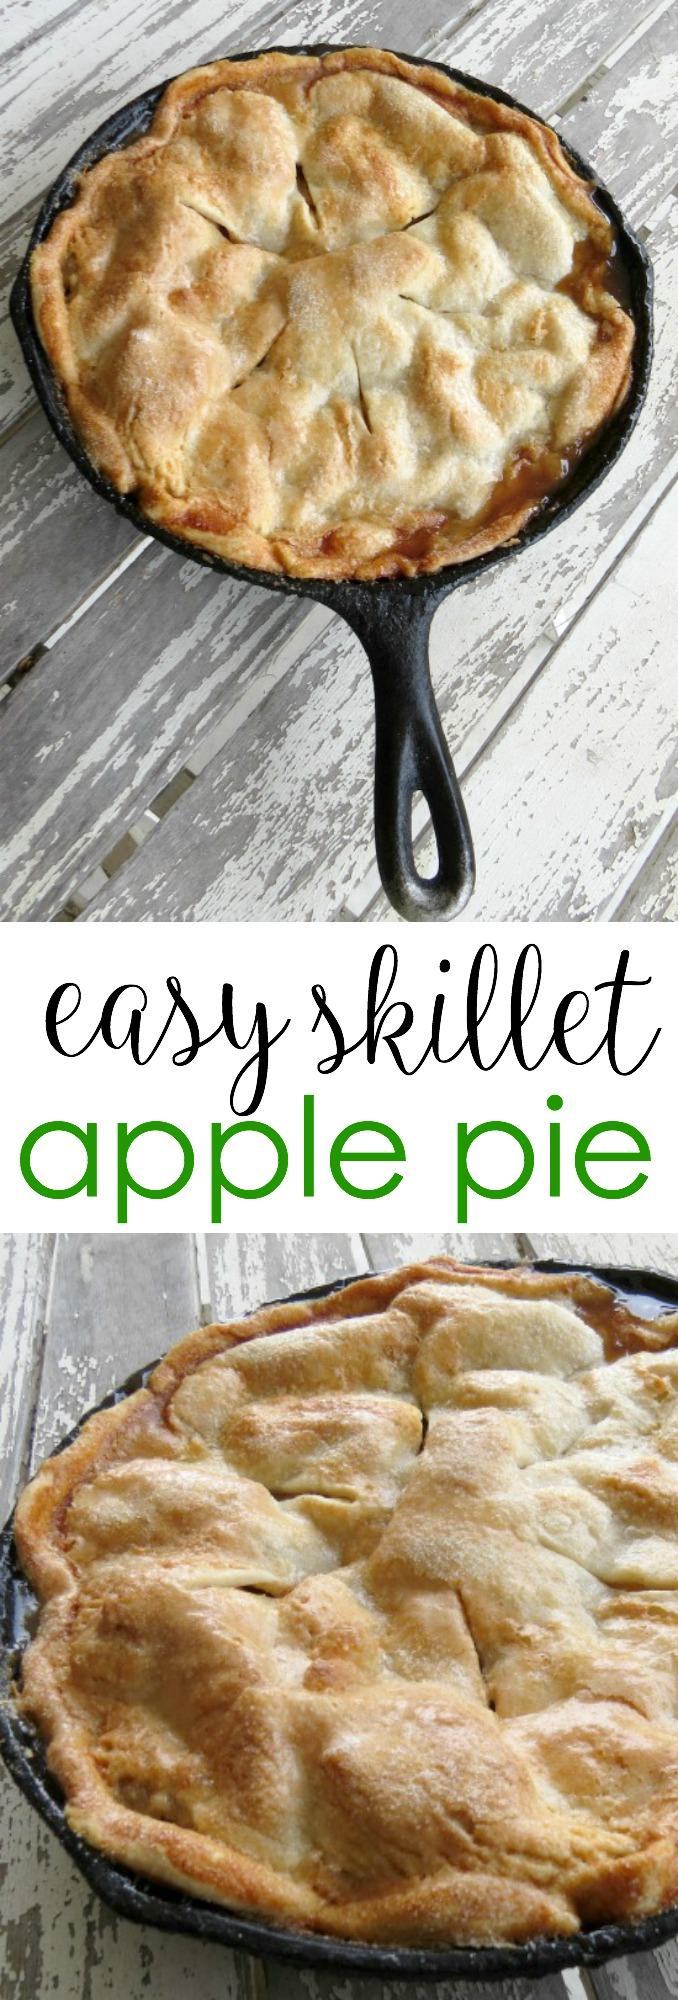 Fullsize Of Skillet Apple Pie